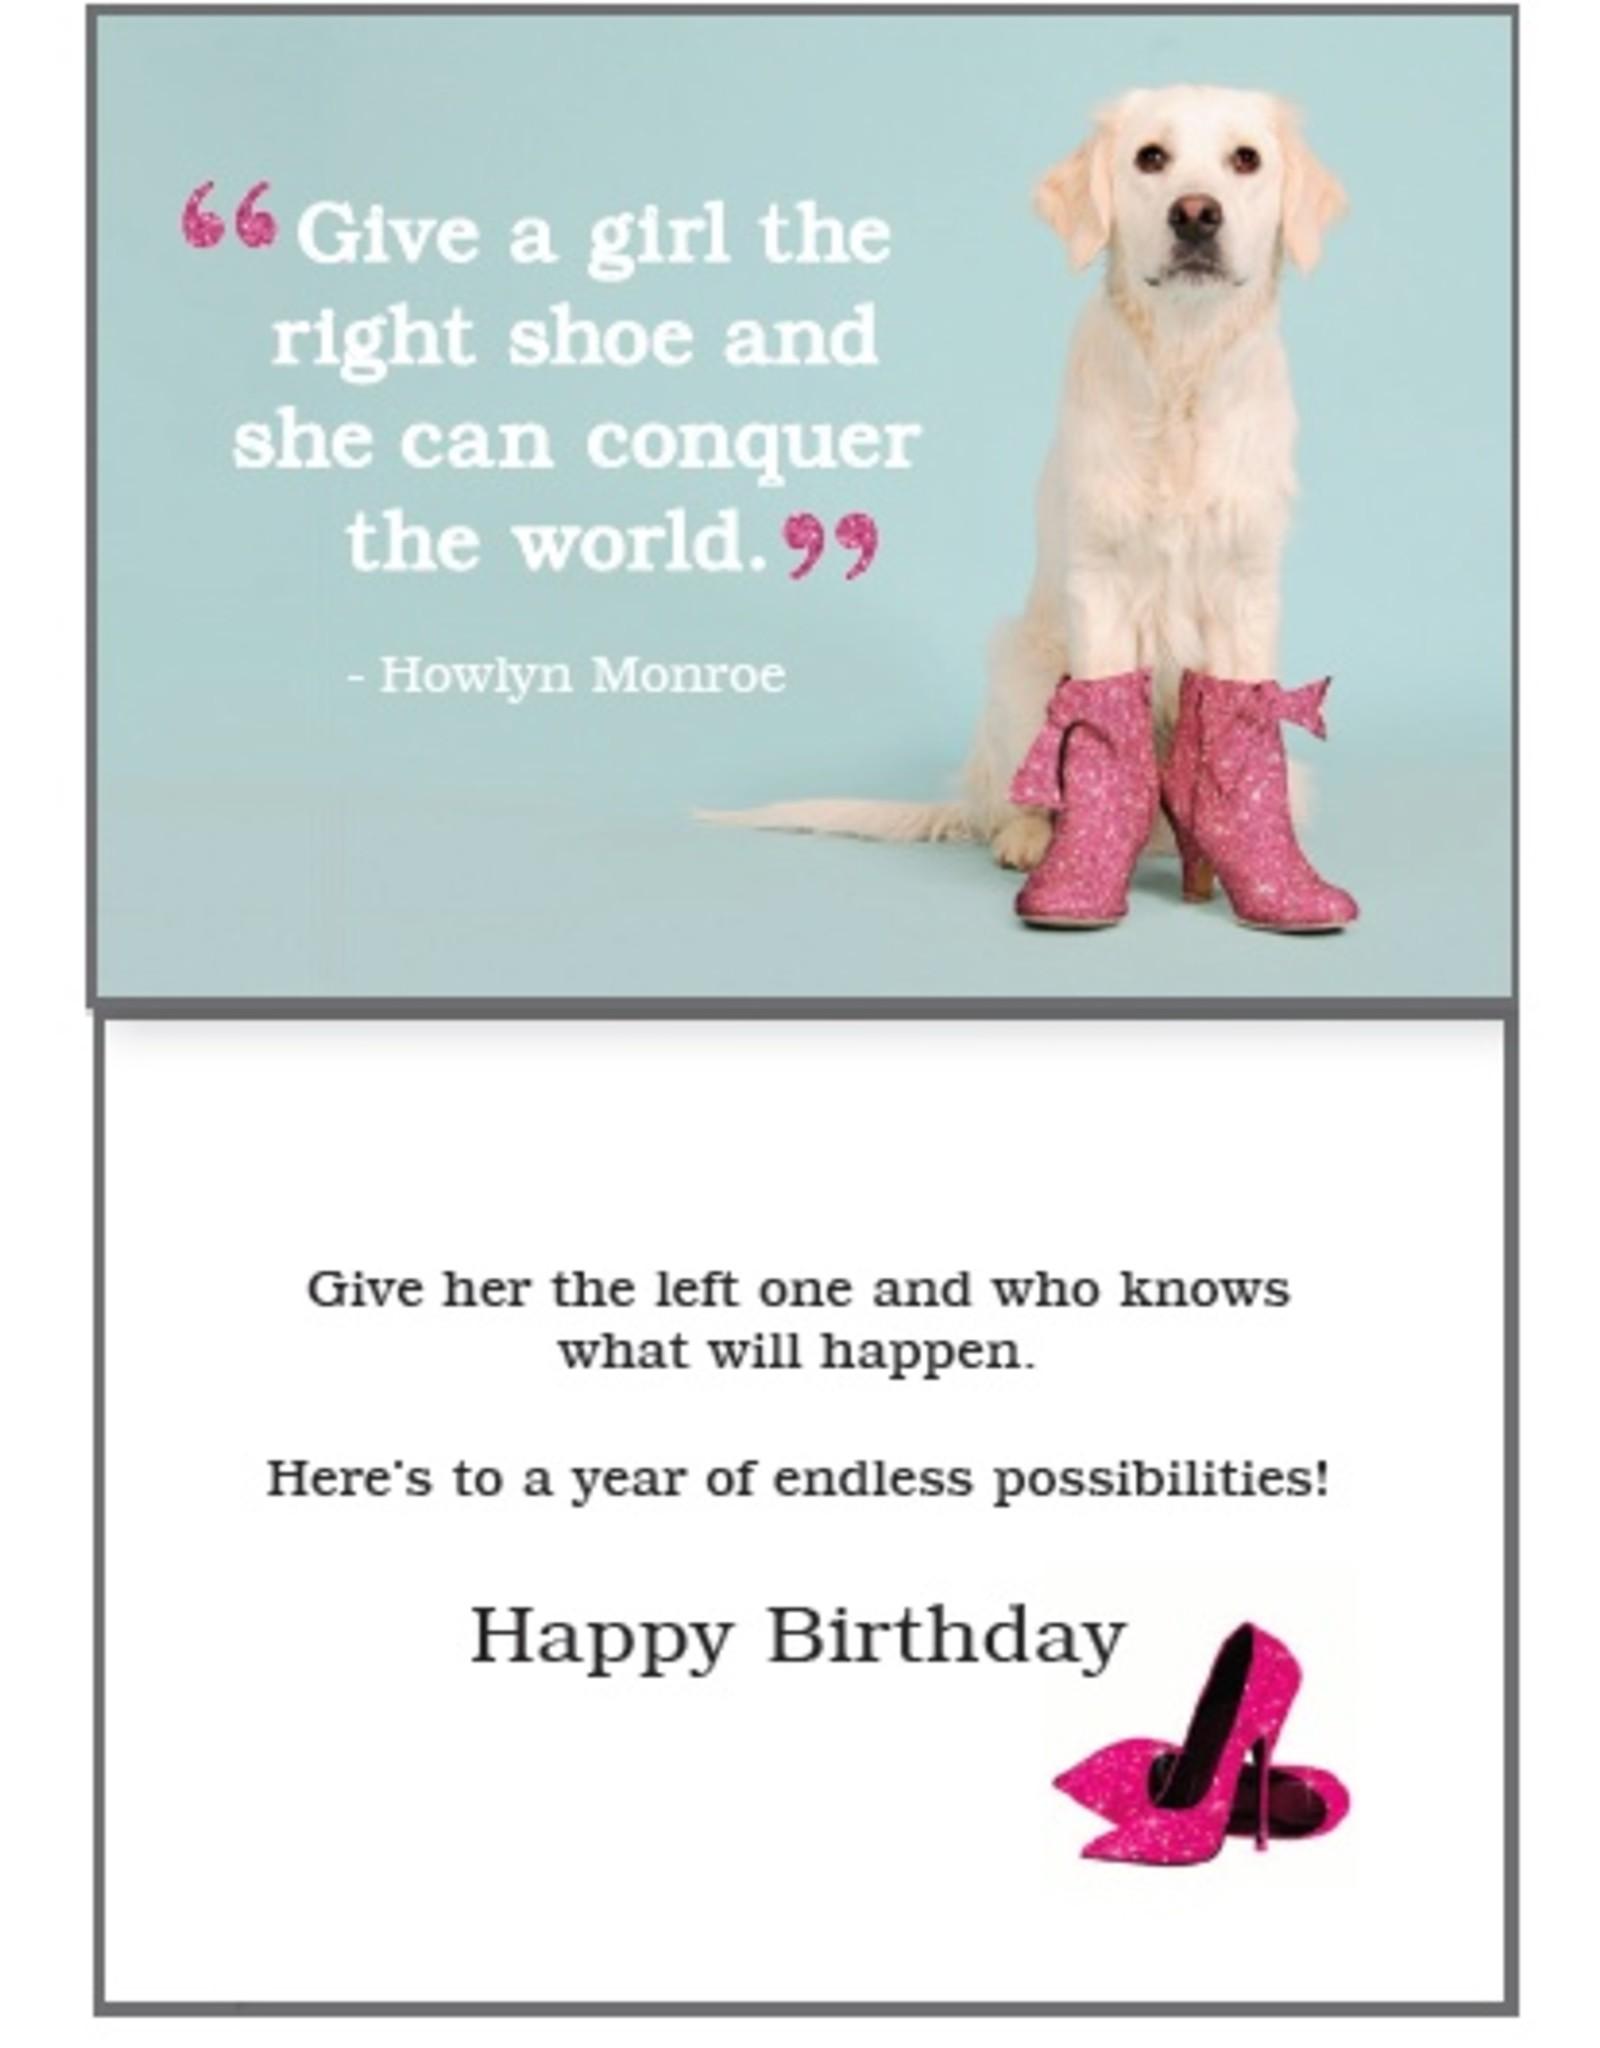 Dog Speak Dog Speak Card - Birthday - The Right Shoe